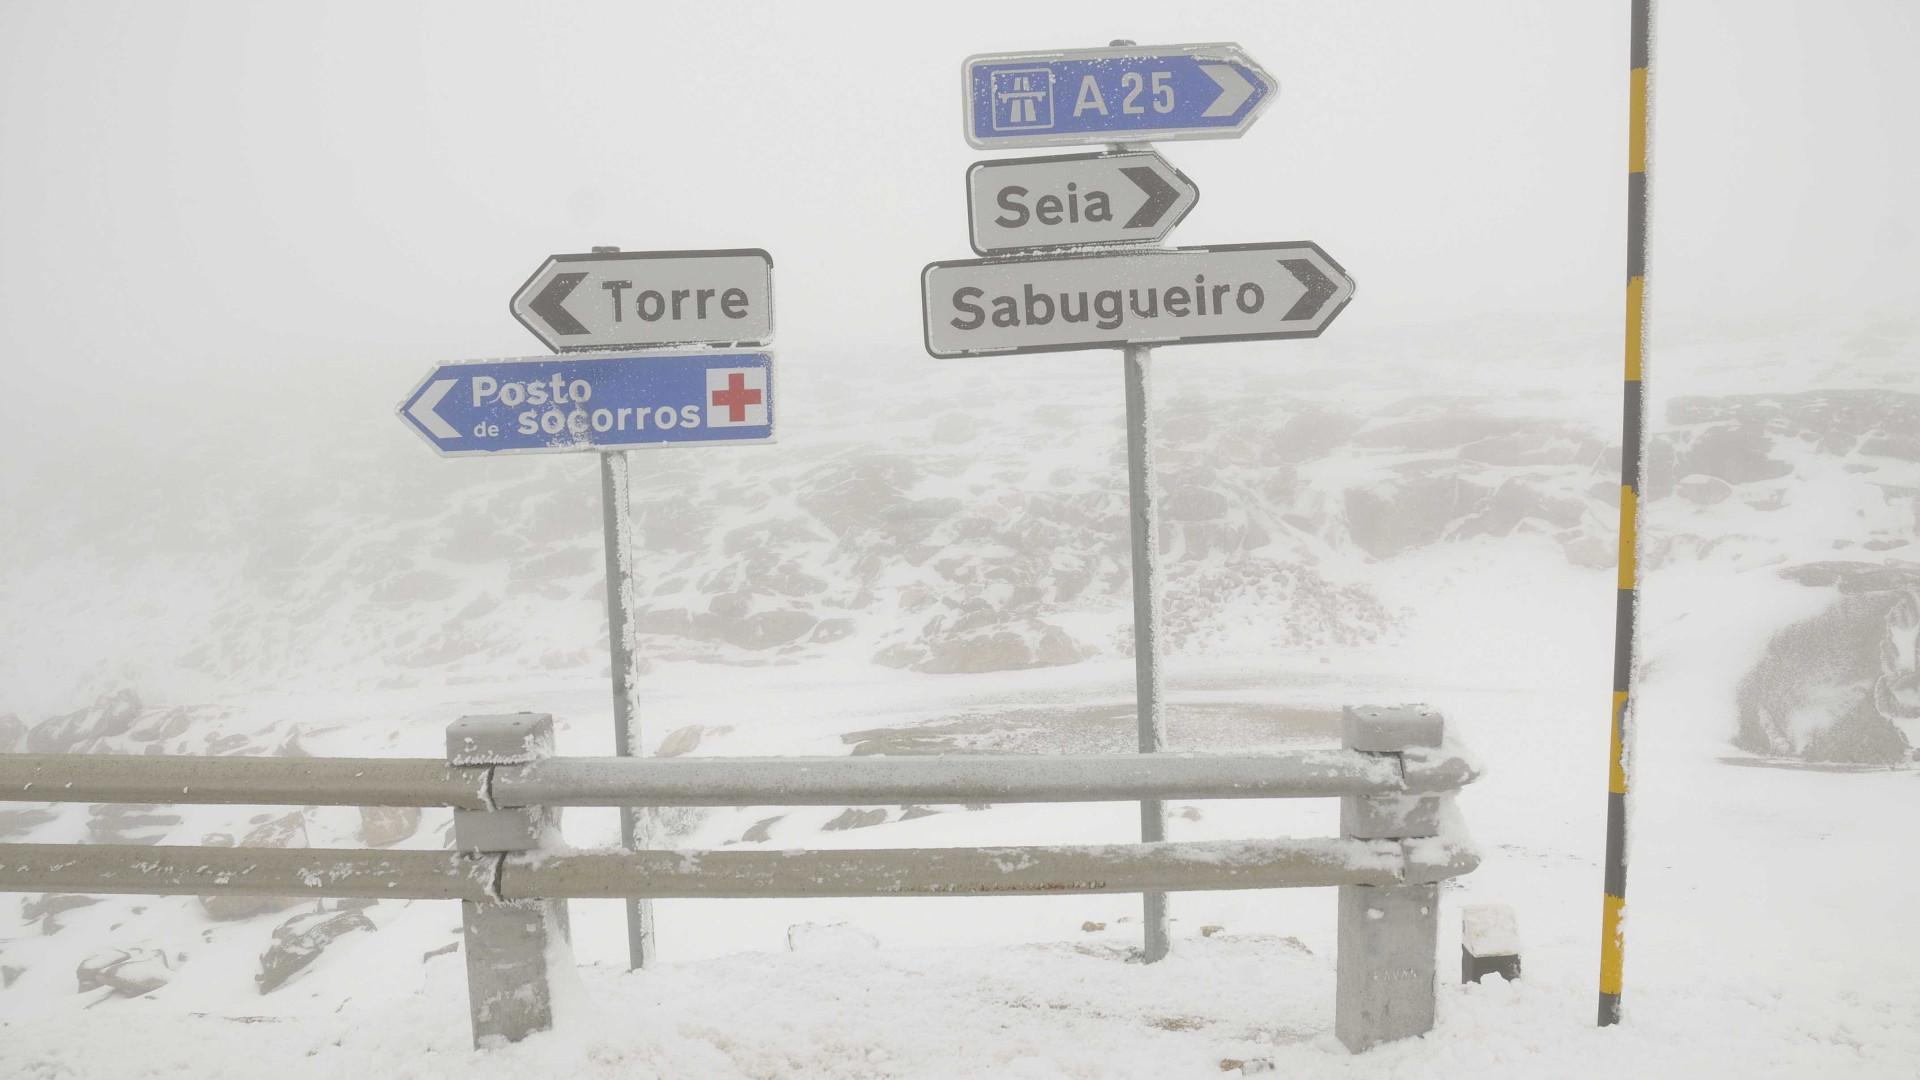 Estradas na Serra da Estrela cortadas devido à queda de neve